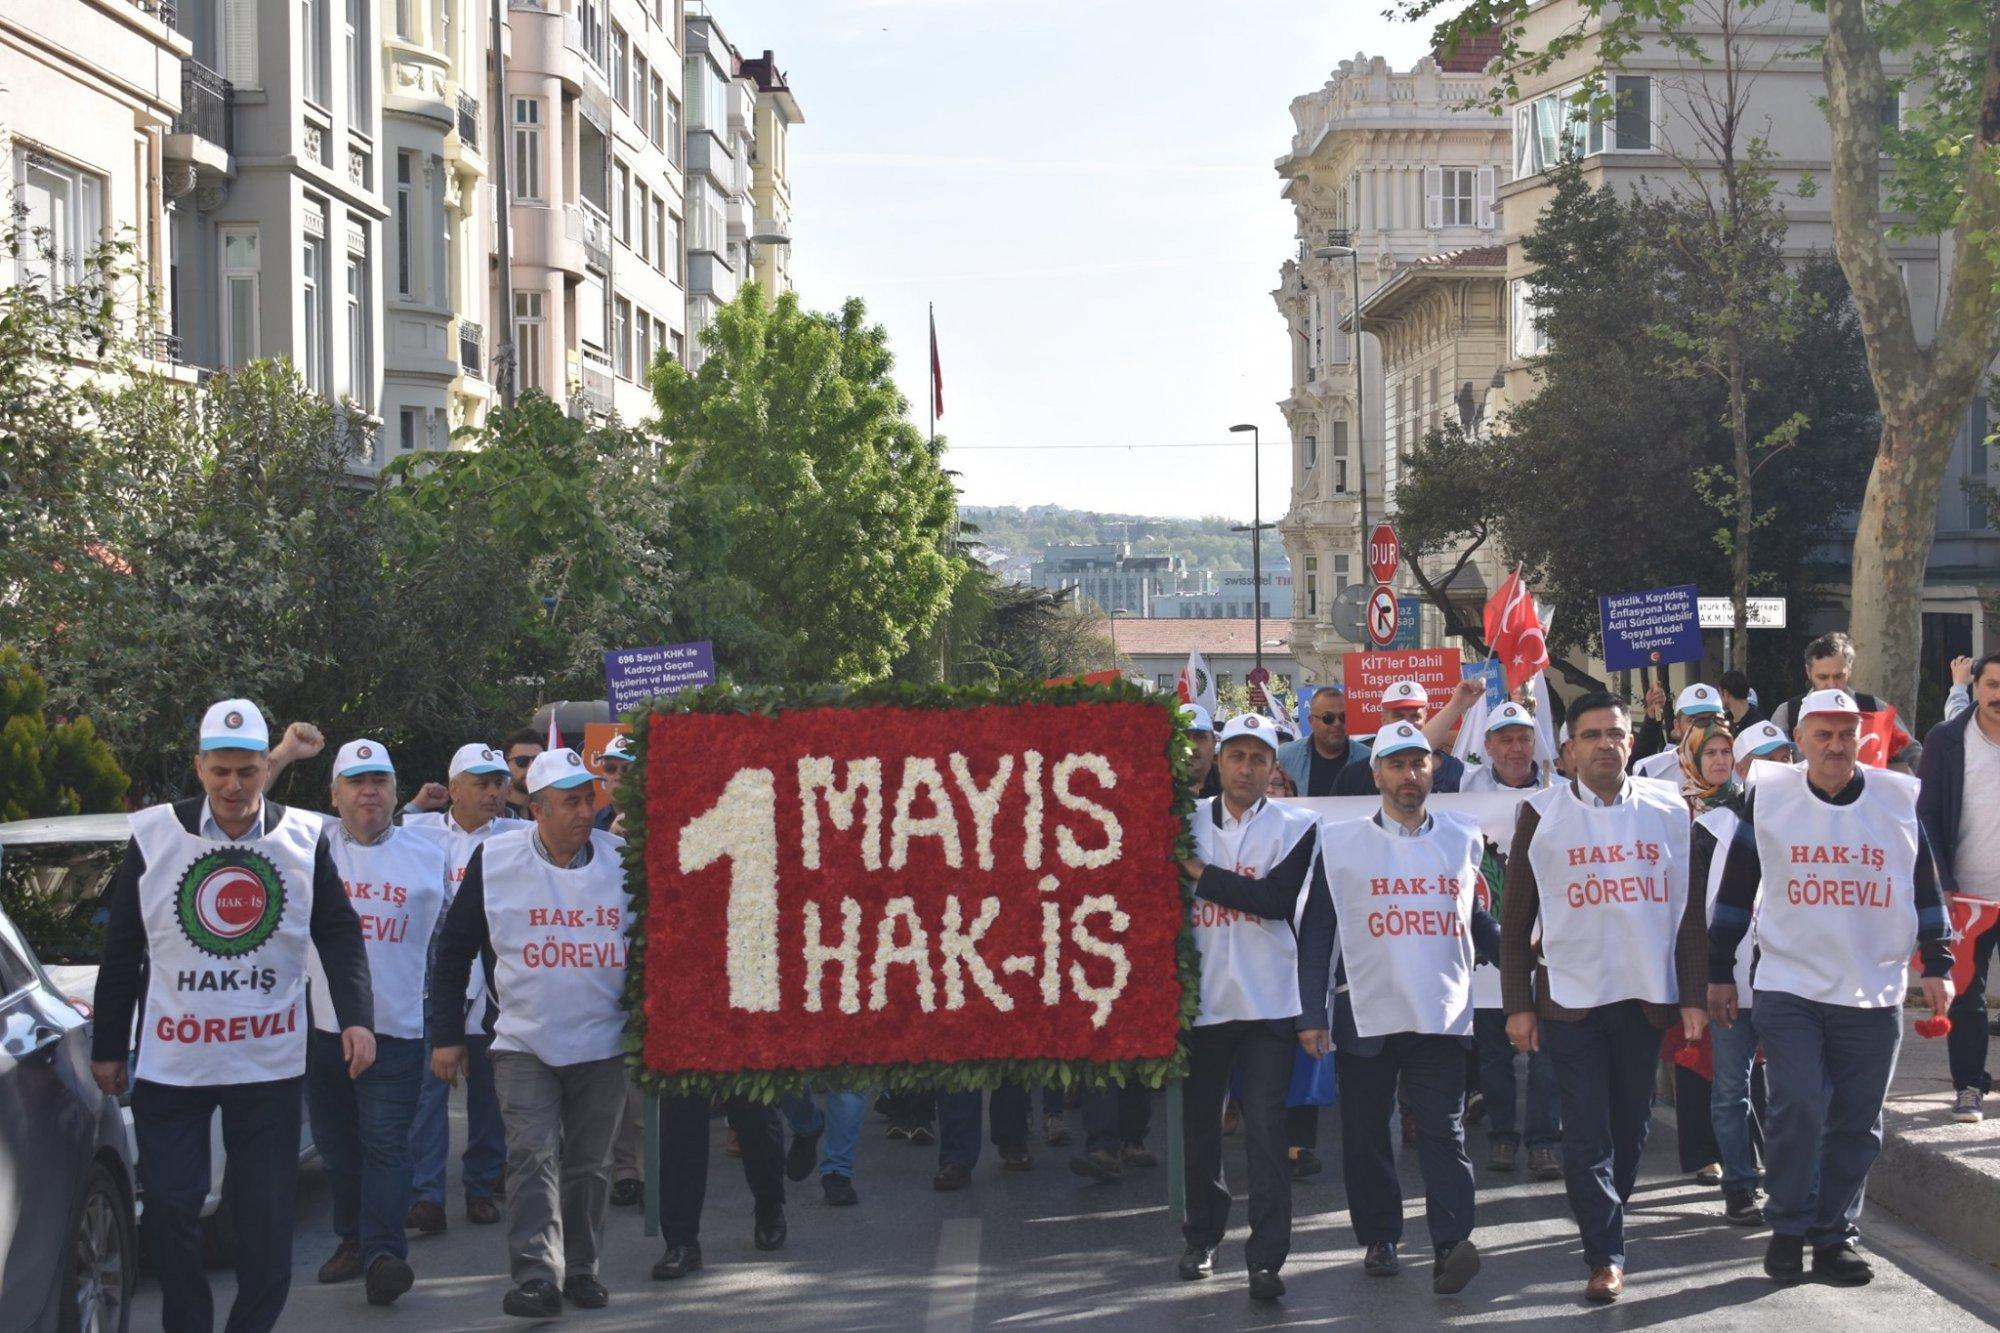 HAK-İŞ 1 MAYIS'TA TAKSİM ANITINA ÇELENK BIRAKTI